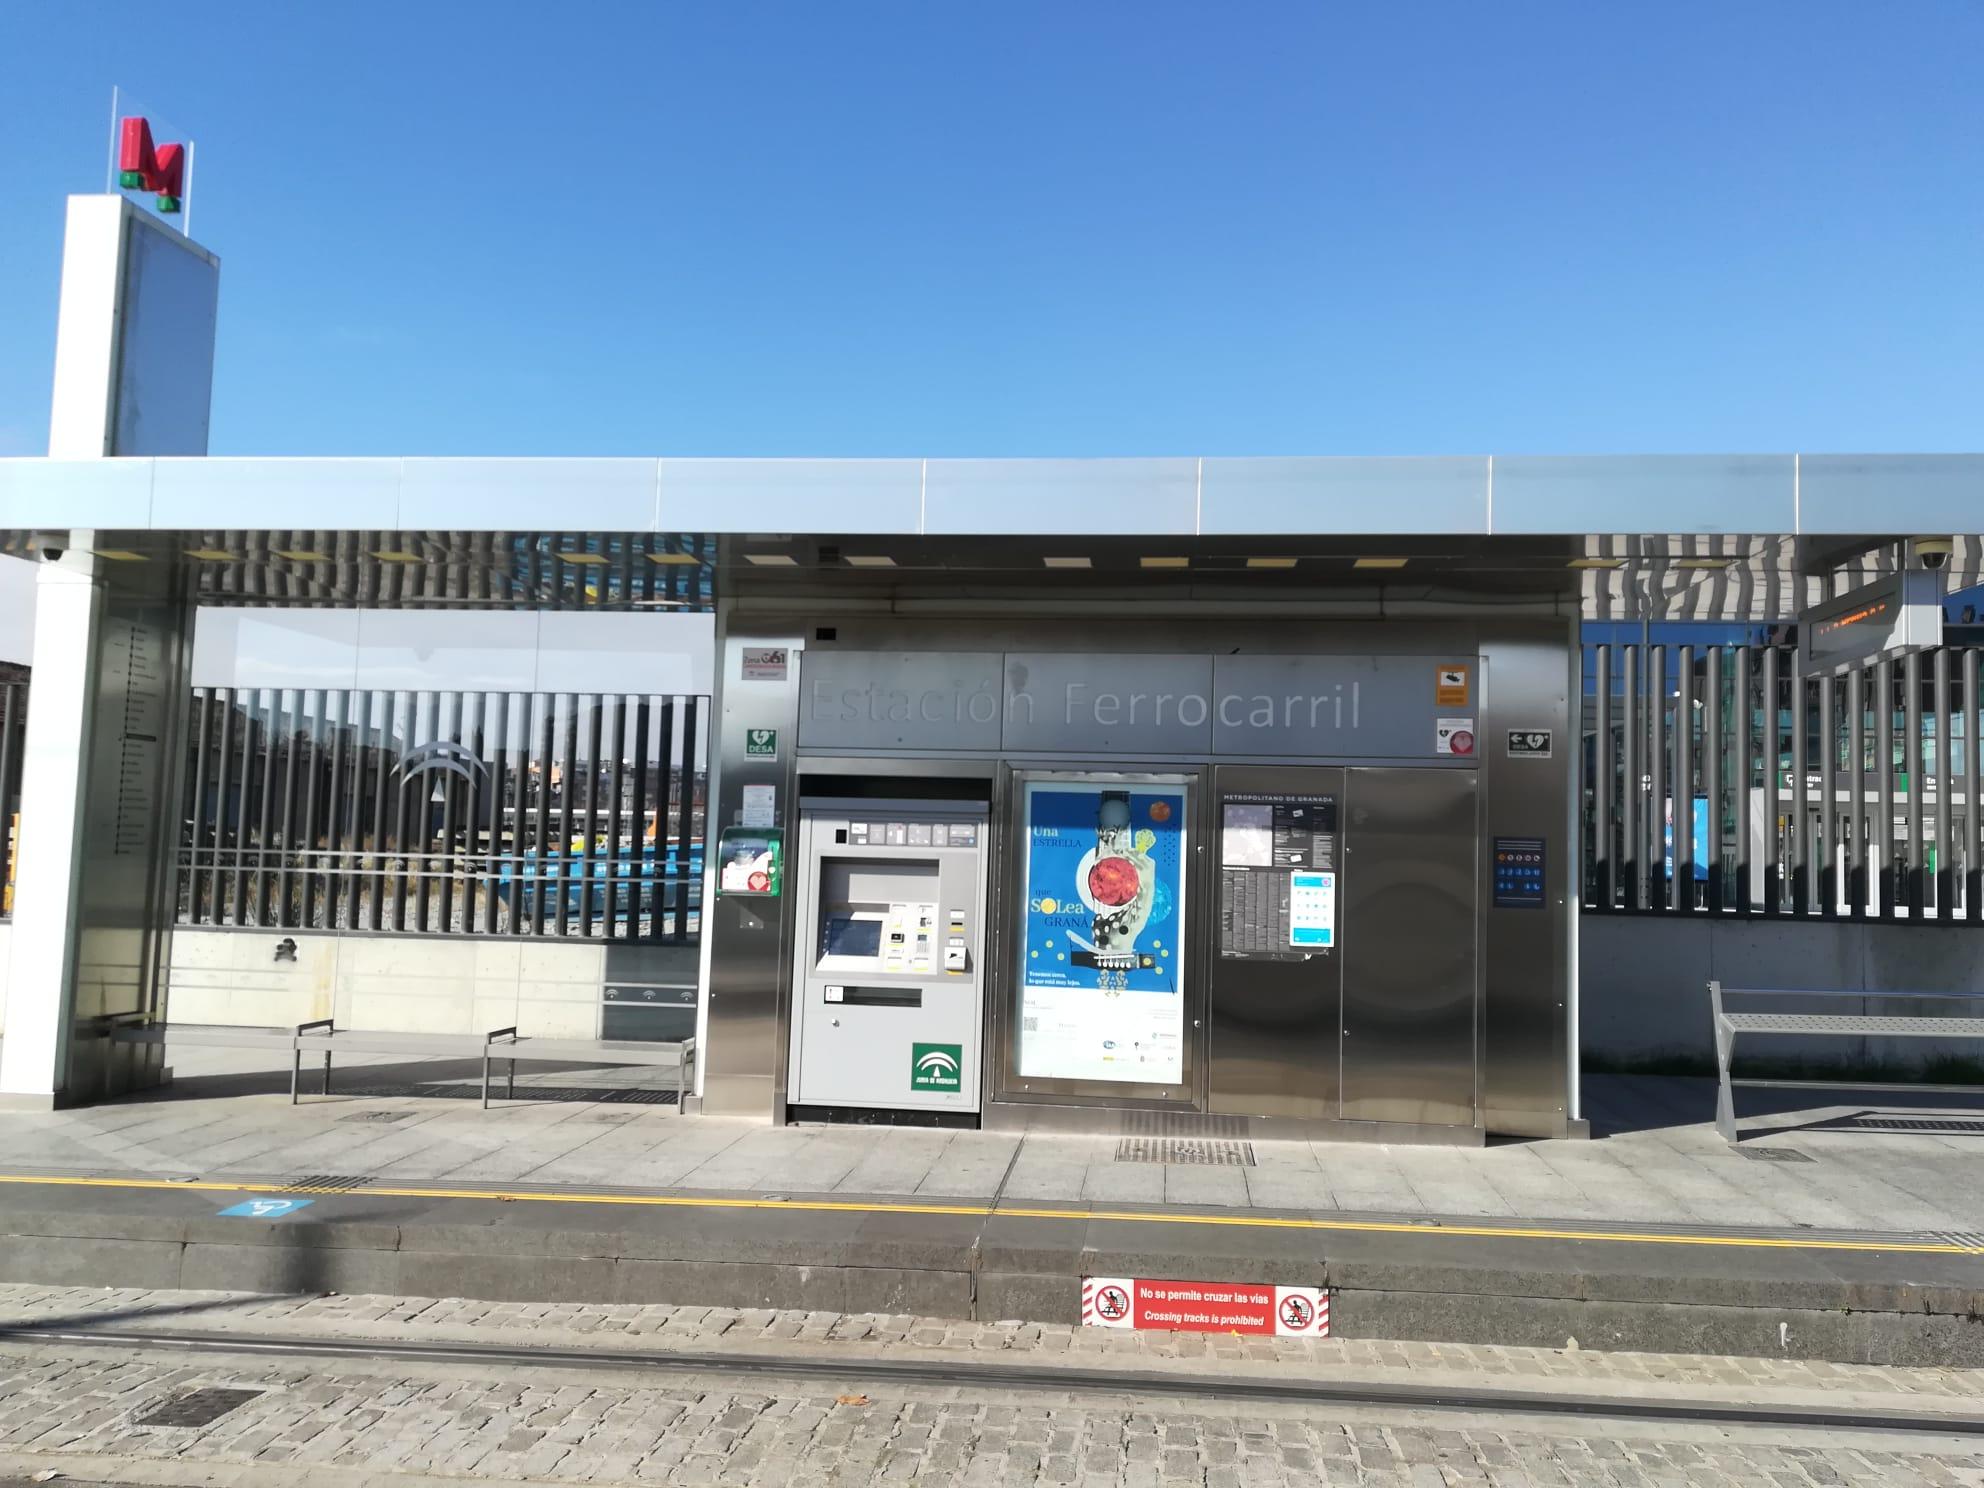 Metro de Granada adjudica la explotación publicitaria de sus paradas, estaciones y trenes